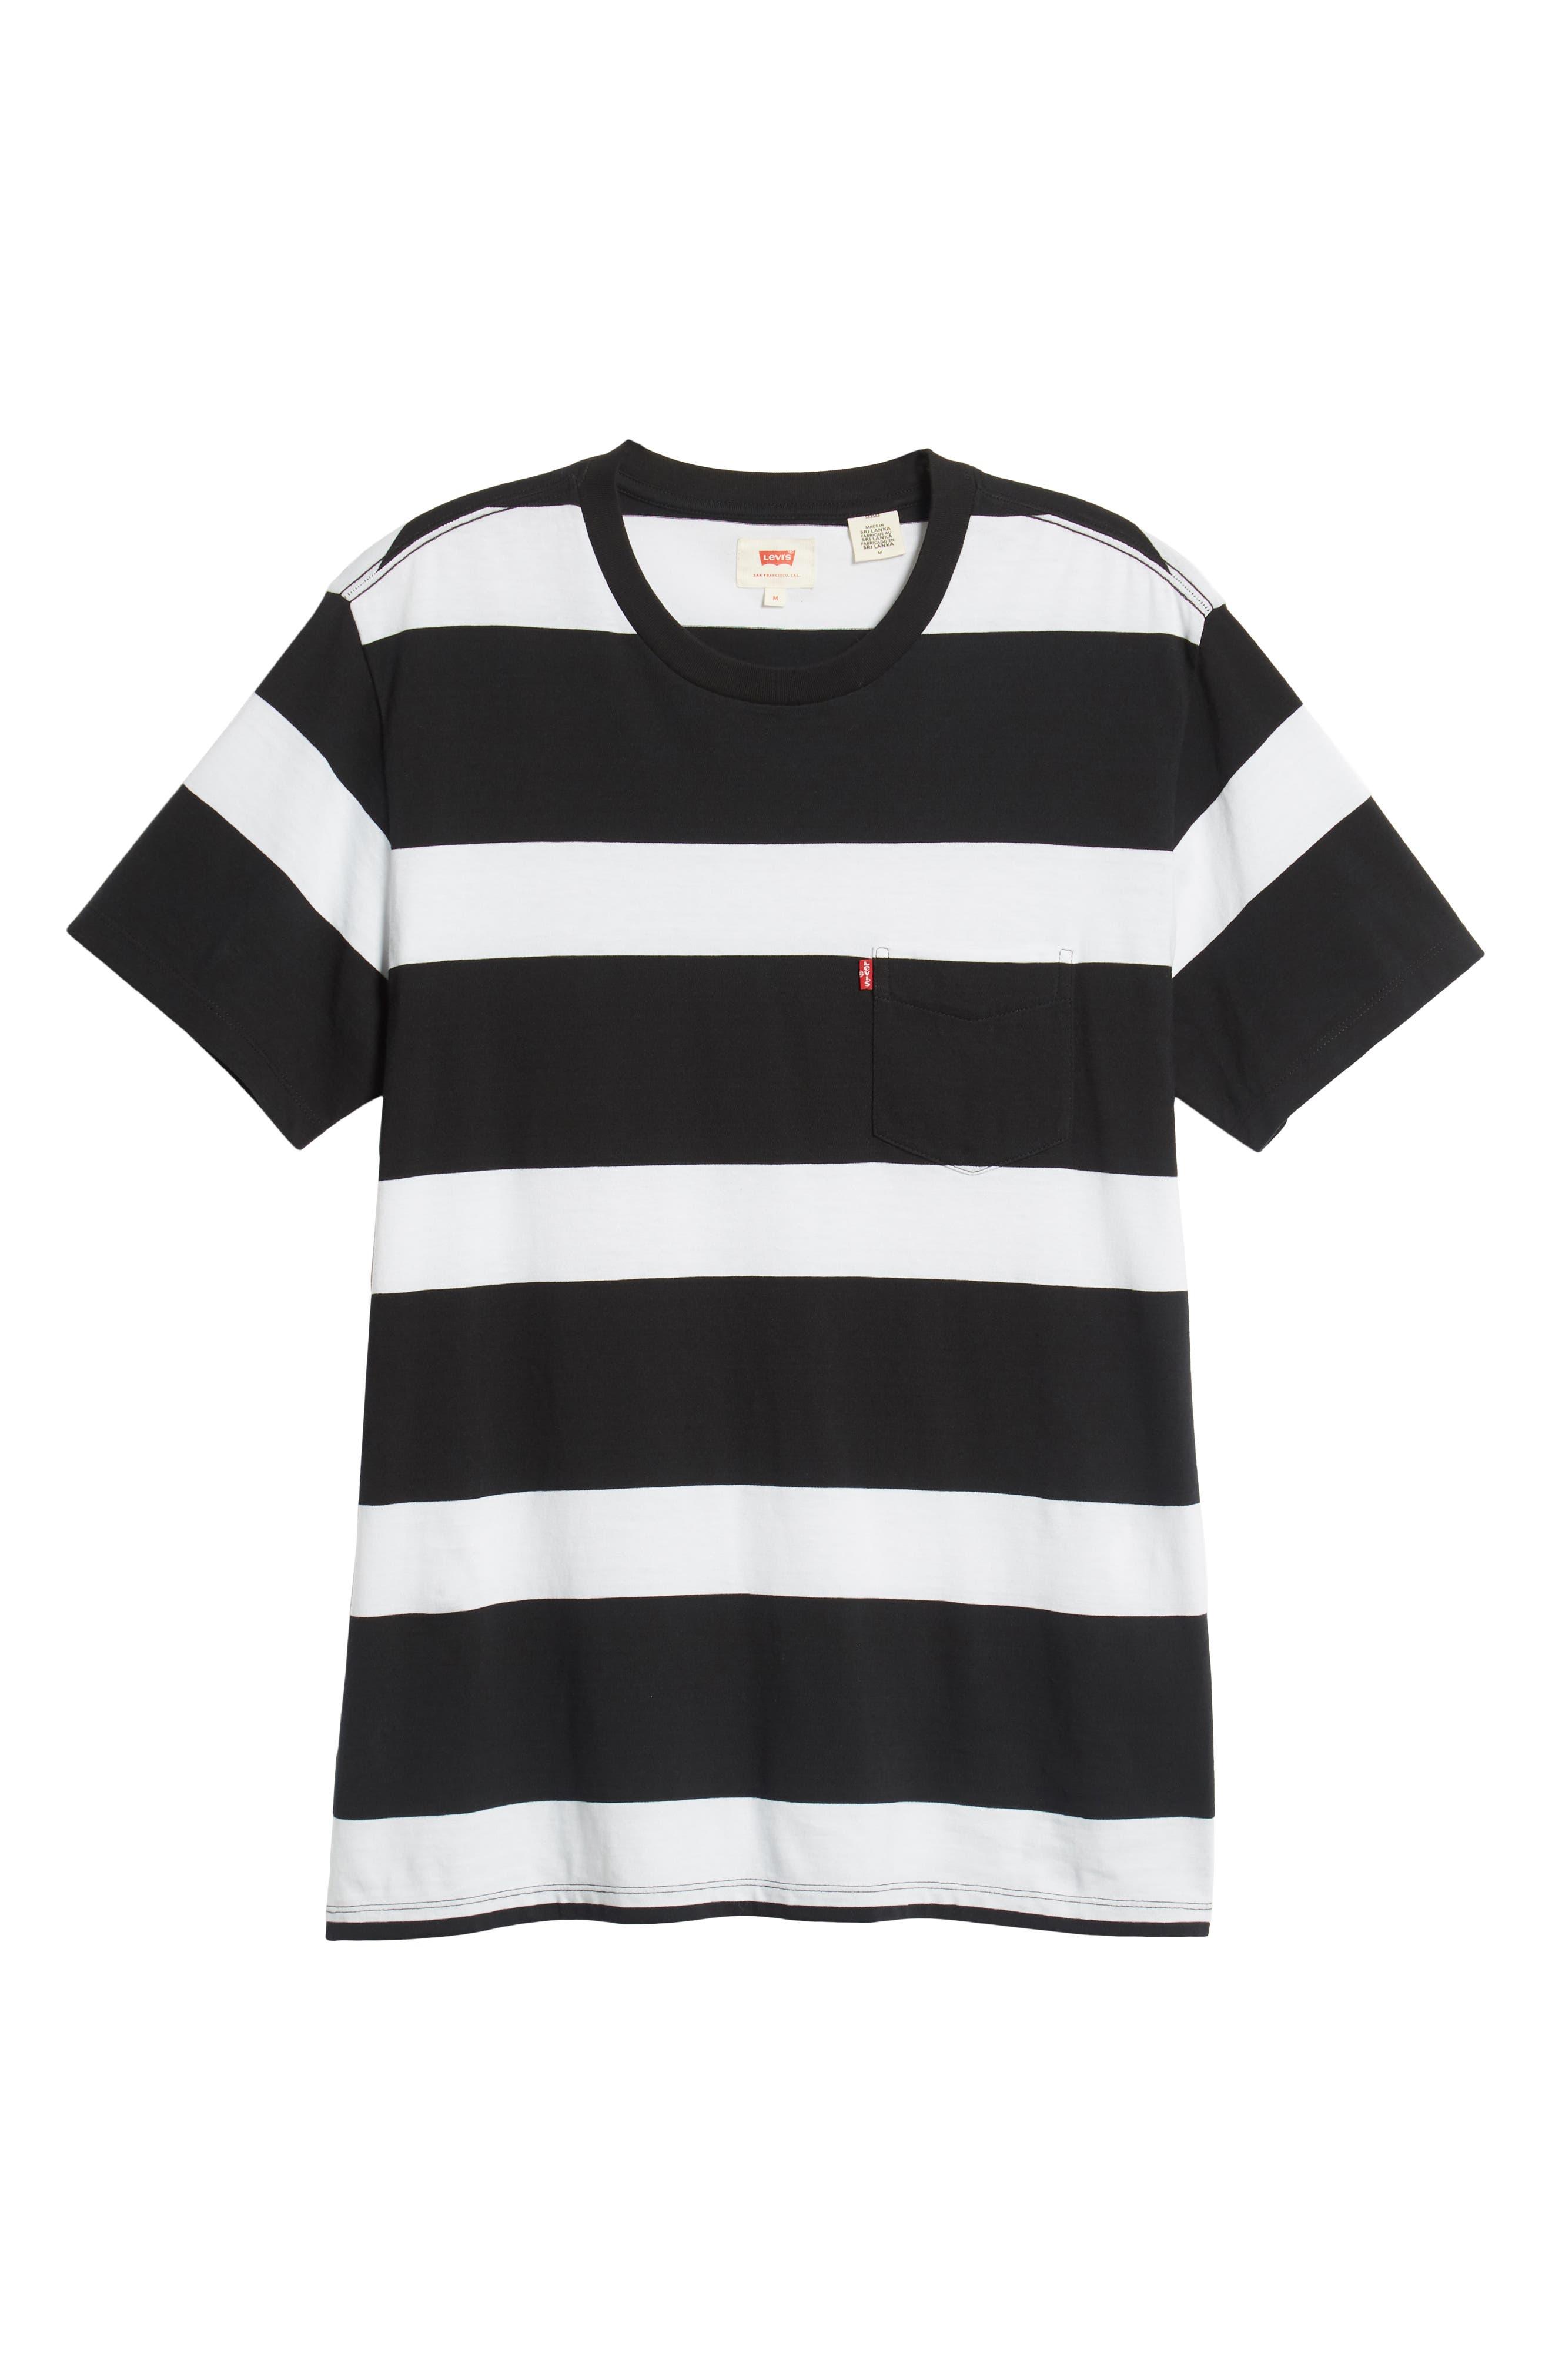 Pocket T-Shirt,                             Alternate thumbnail 6, color,                             BLACK/ WHITE STRIPES